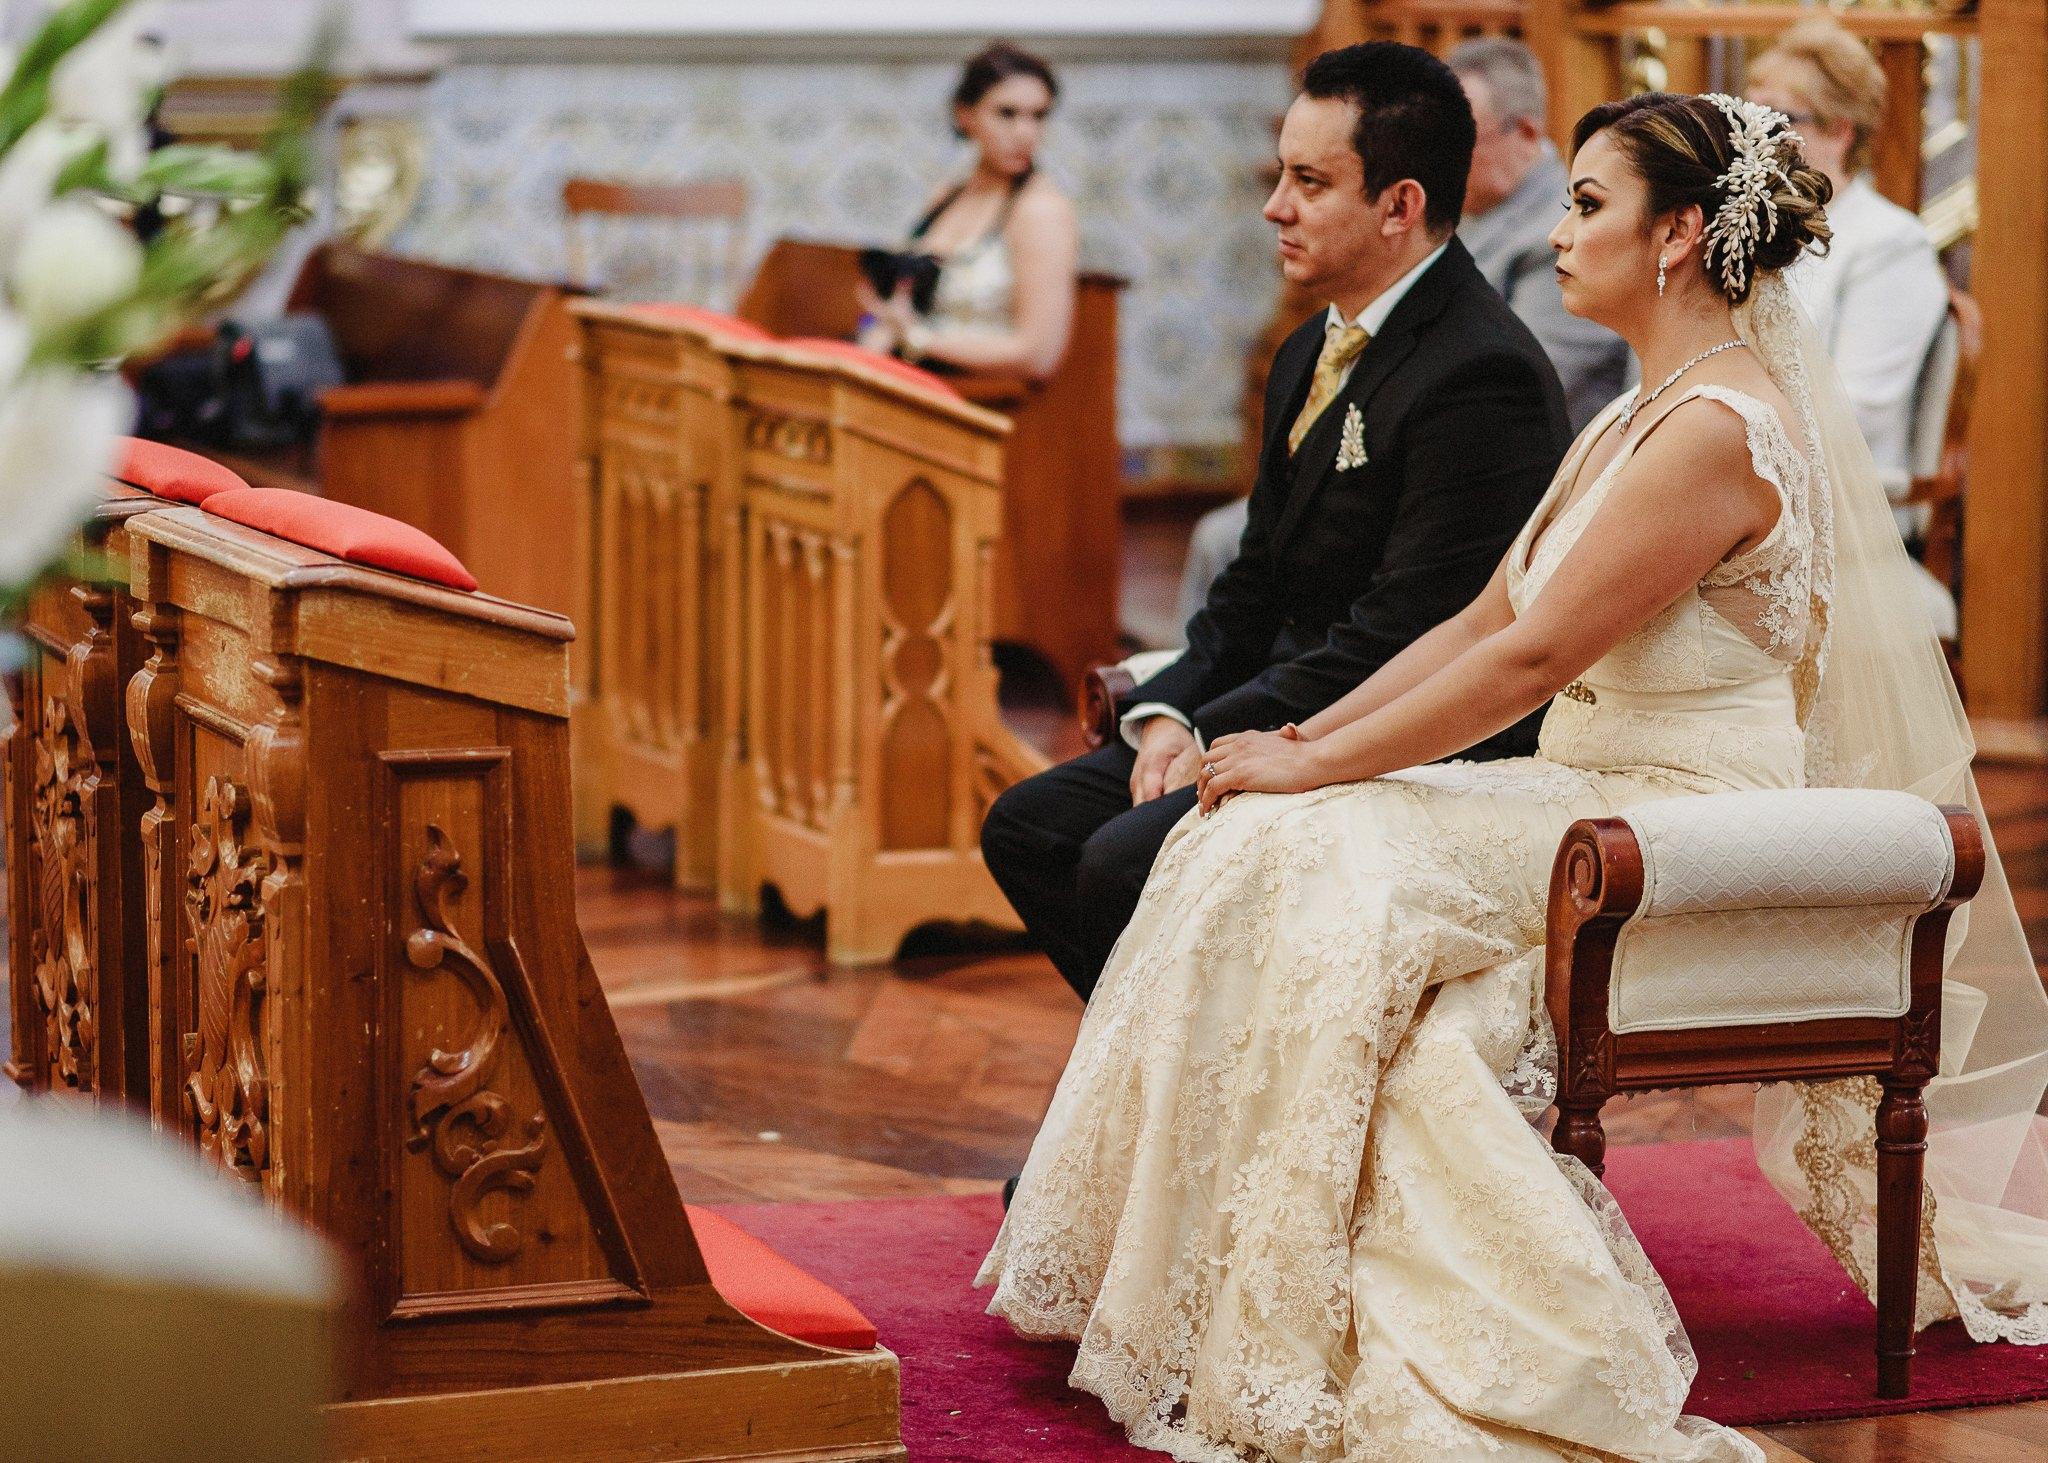 02boda-wedding-ceremonia-templo-barrio-del-encino-aguascalientes-fotografo-luis-houdin55